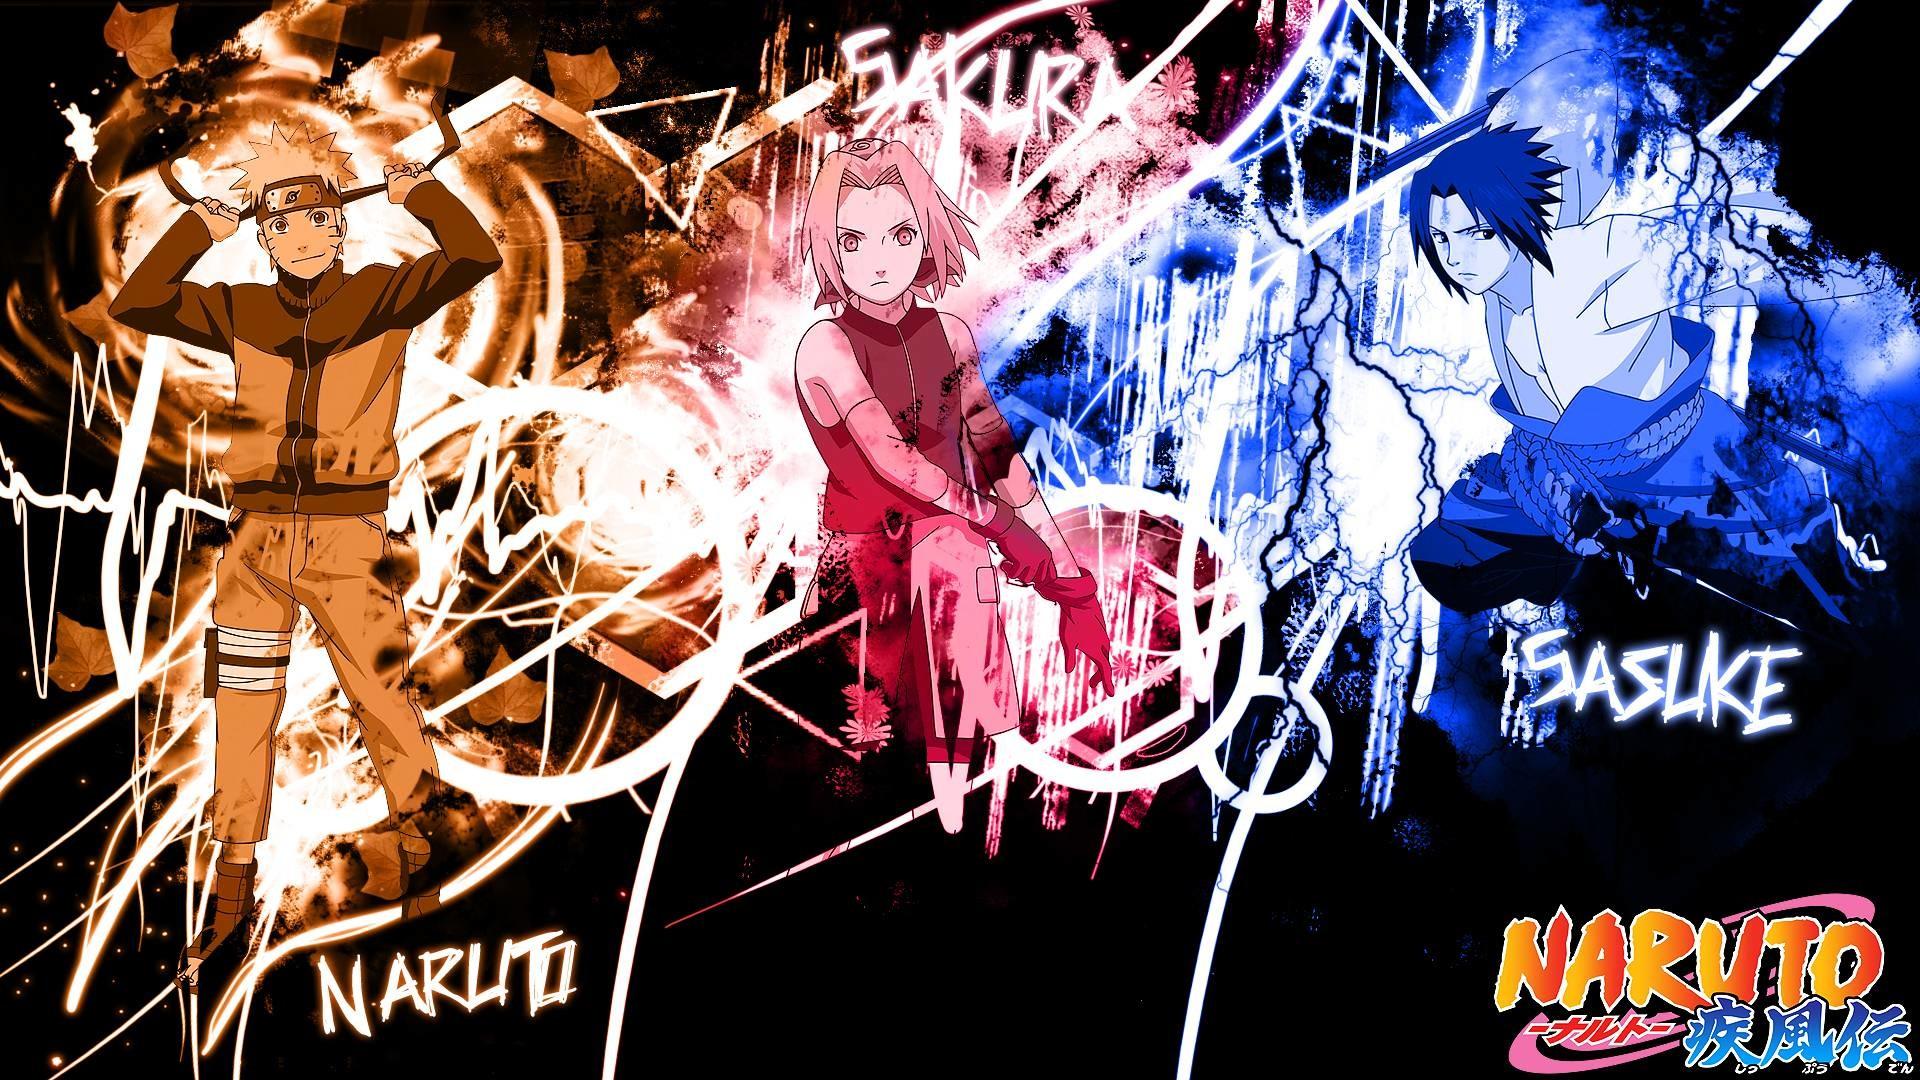 Naruto Shippuden Sasuke Widescreen Wallpaper – HD Wallpapers